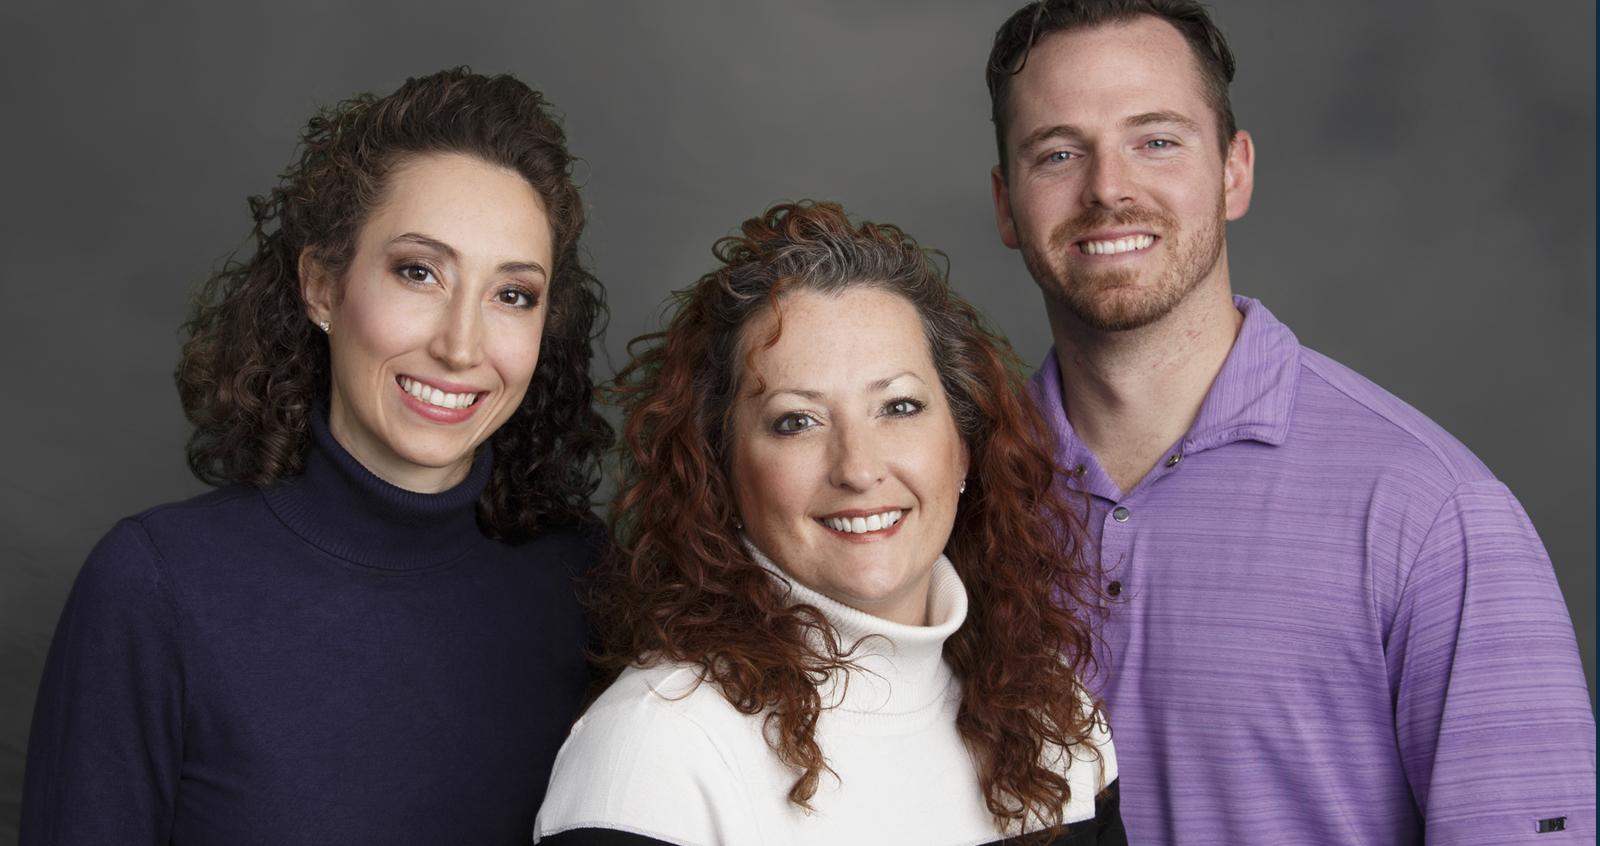 Lifeline Chiropractic team